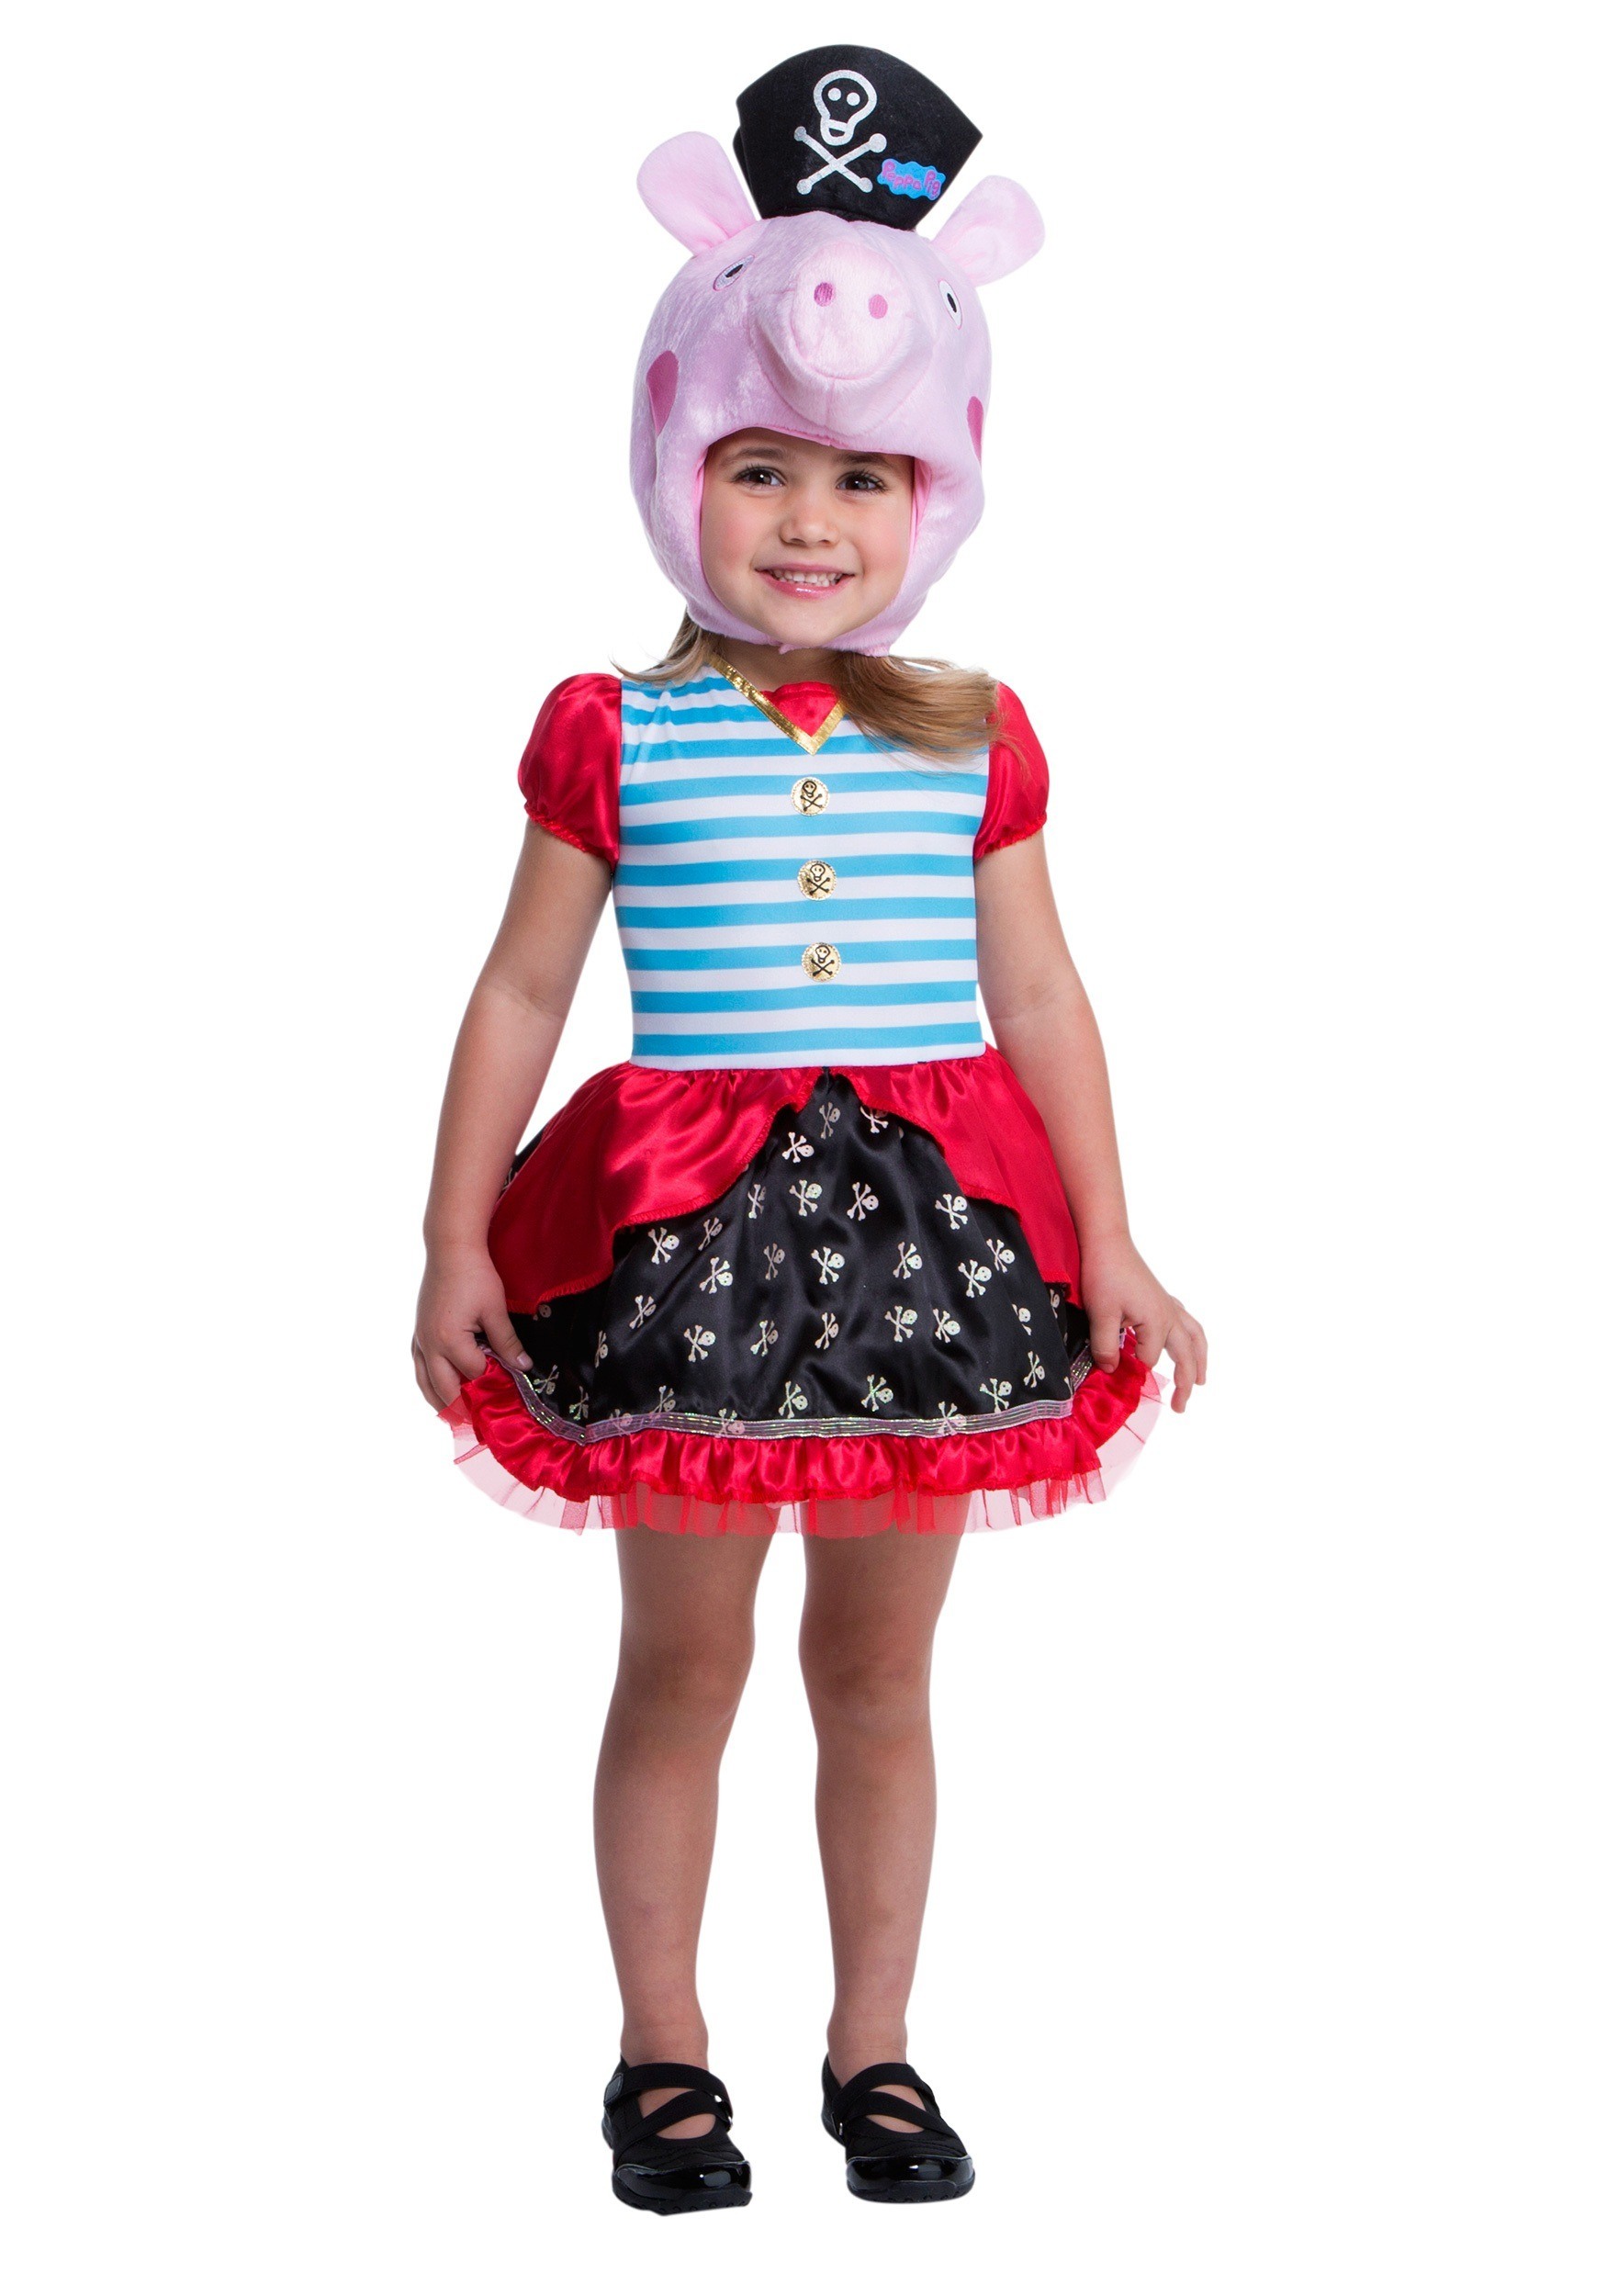 Peppa Pig Pirate Costume  sc 1 st  Fun.com & Pirate Peppa Pig Costume